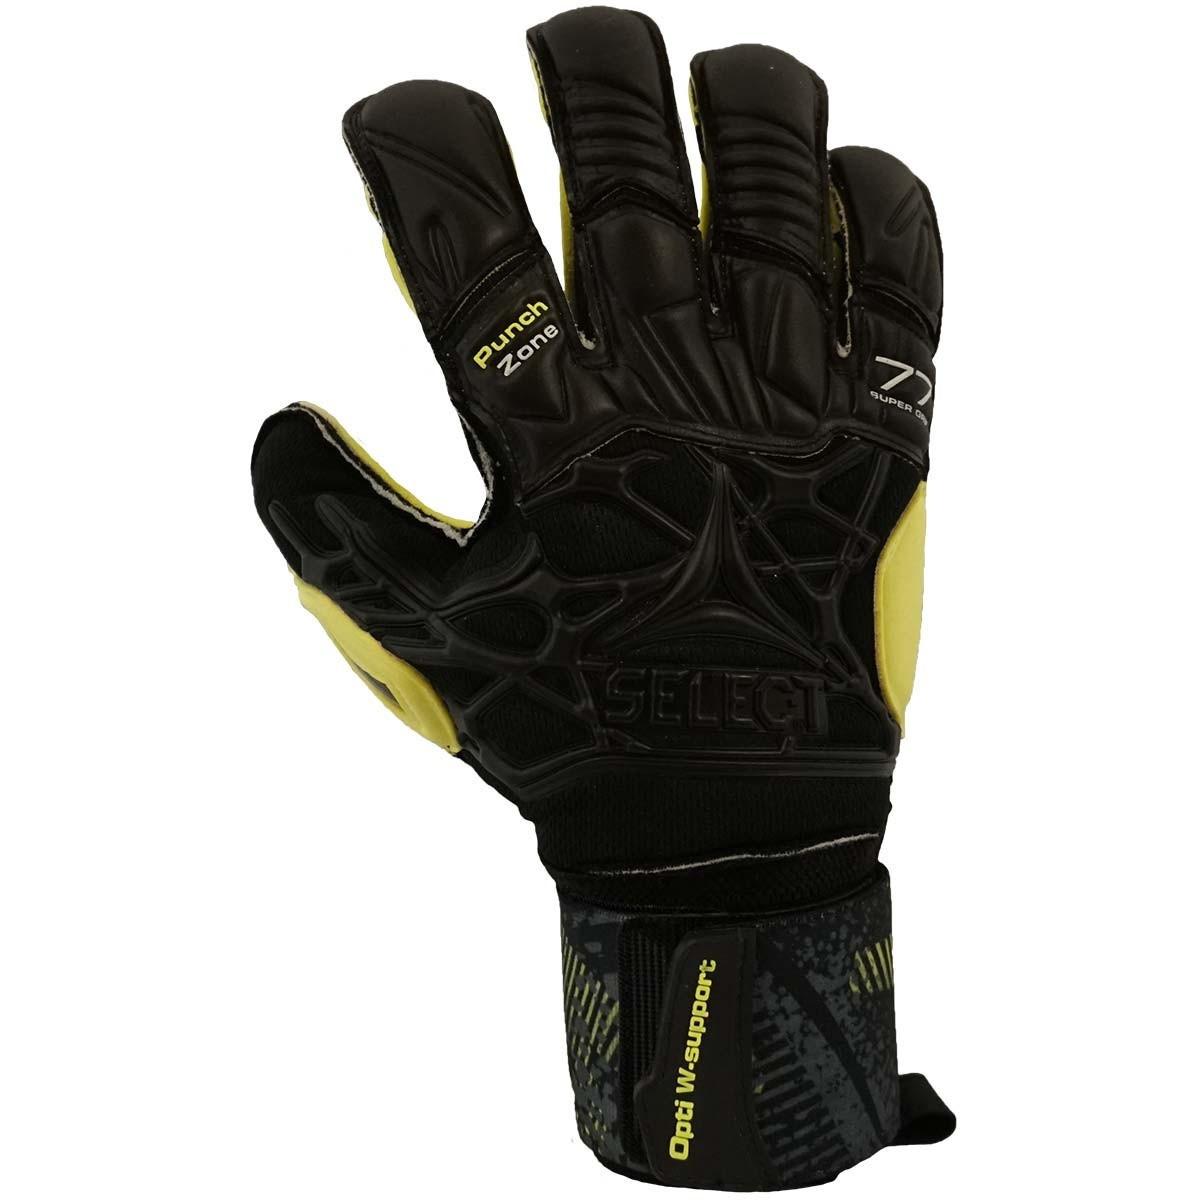 Select 77 Super Grip Goalkeeper Gloves